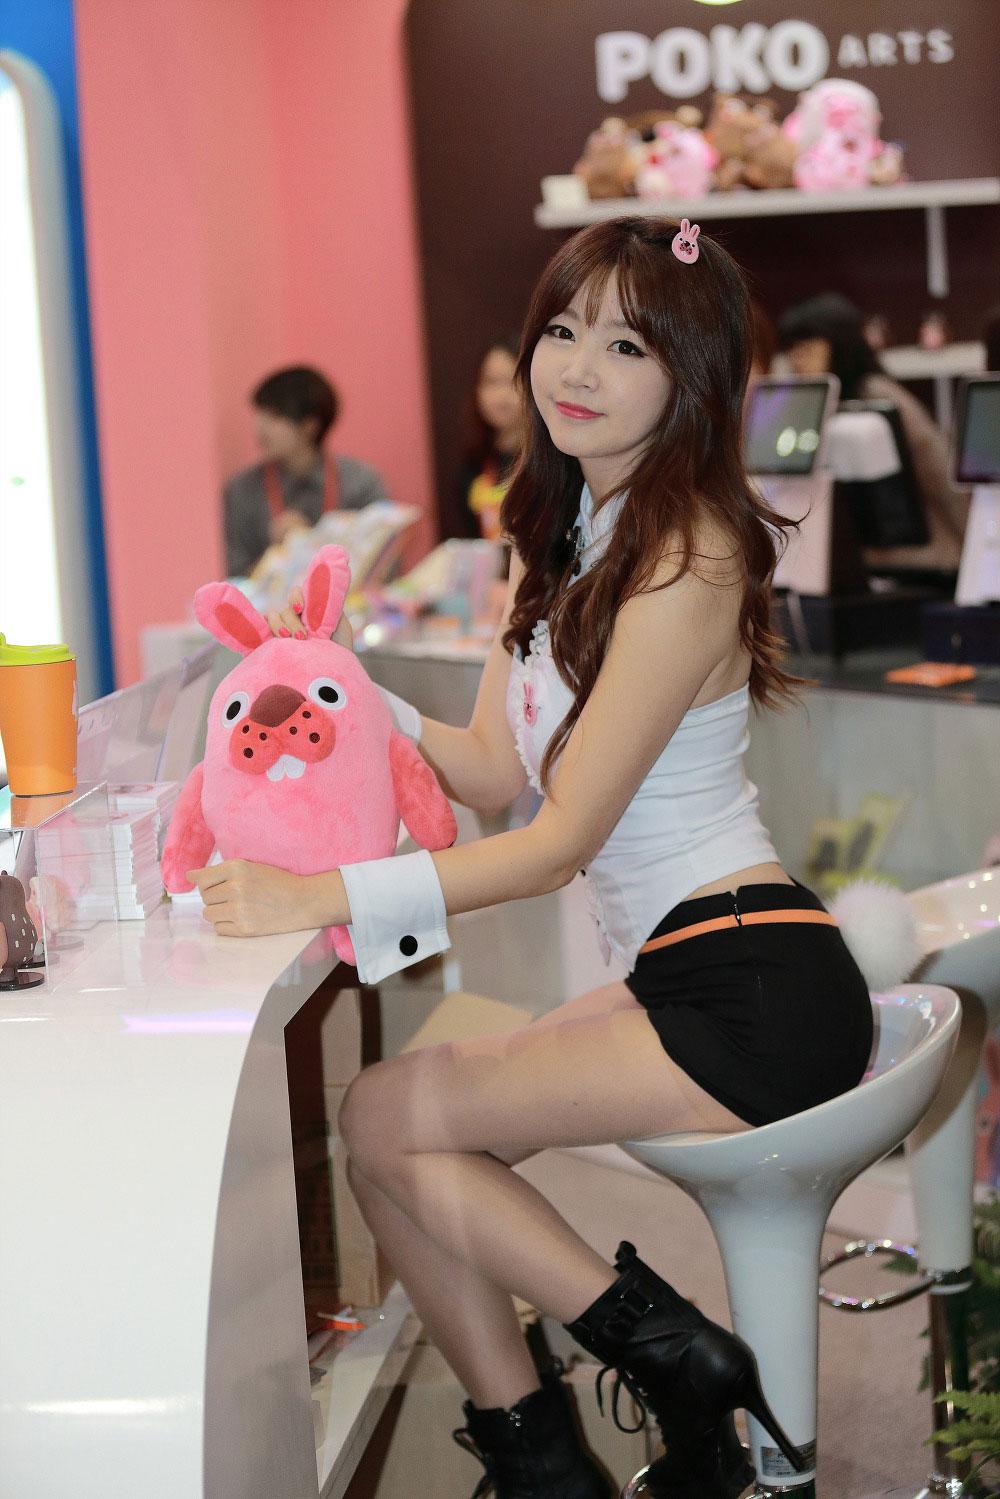 Hong Ji Yeon G-STAR 2014 Pokopang